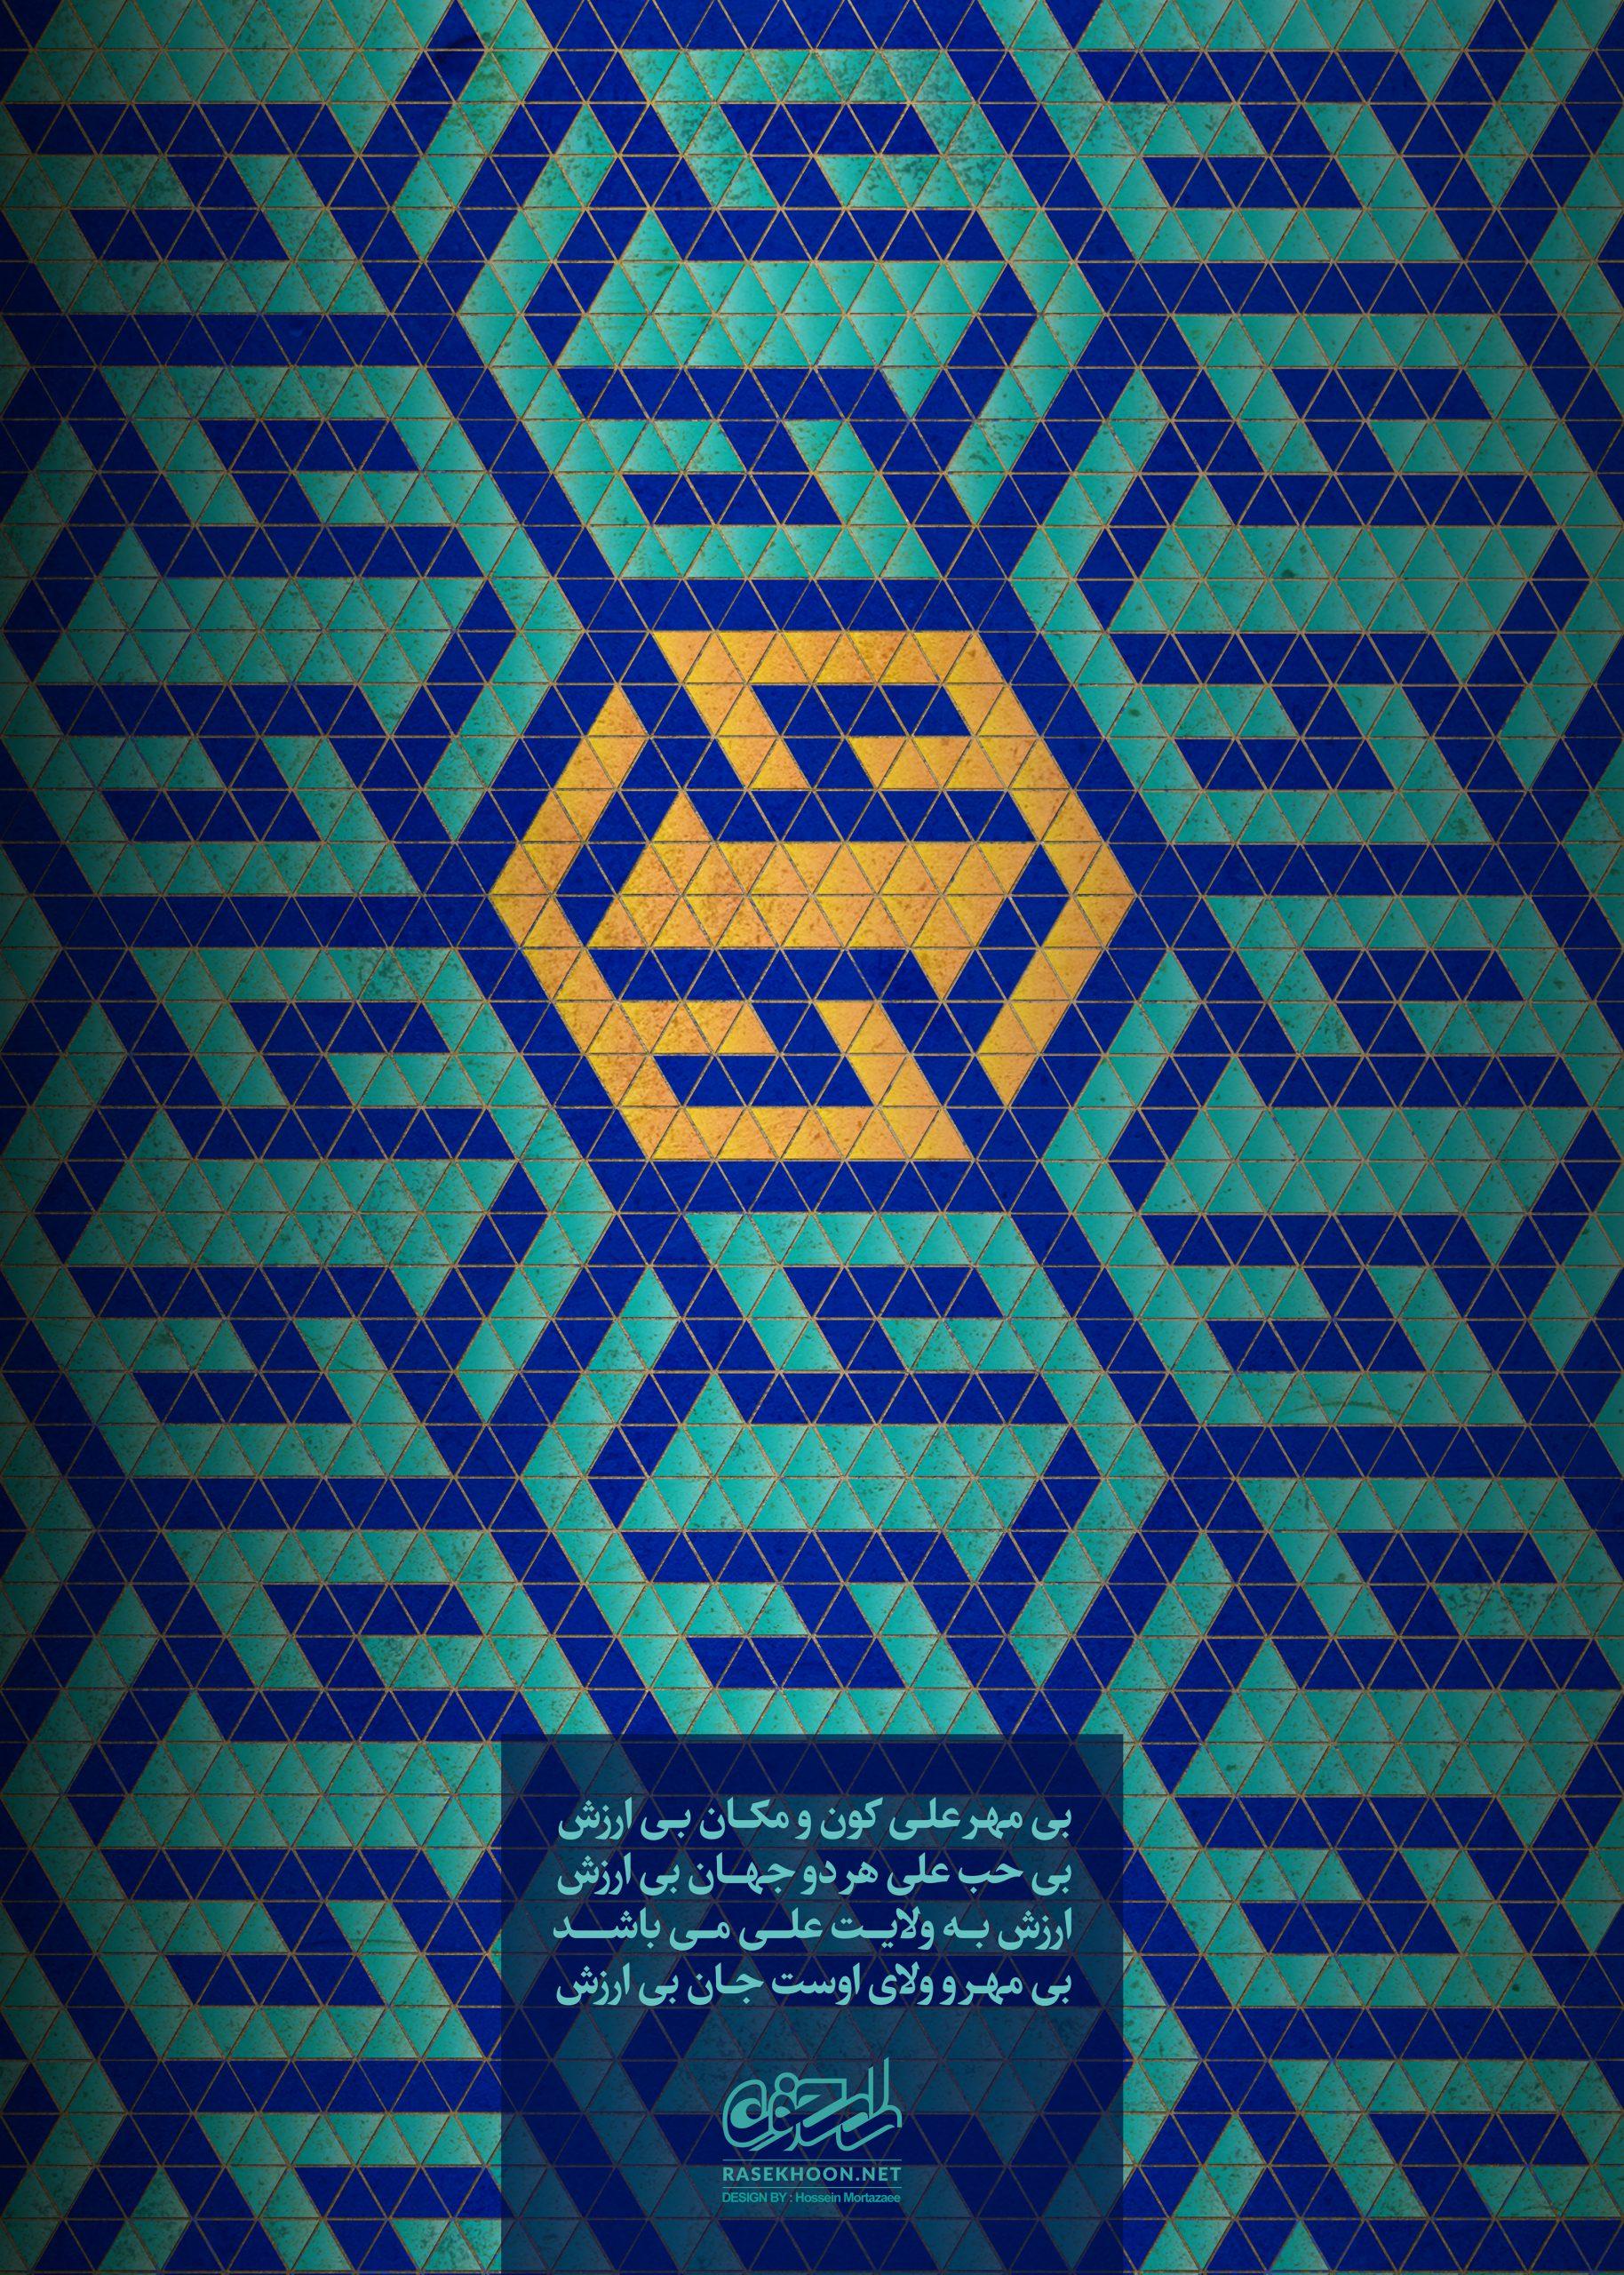 ۱۳رجب ولادت حضرت علی (ع) ویژه نامه ولادت امیرالمومنین علی (ع) poster ali5 scaled